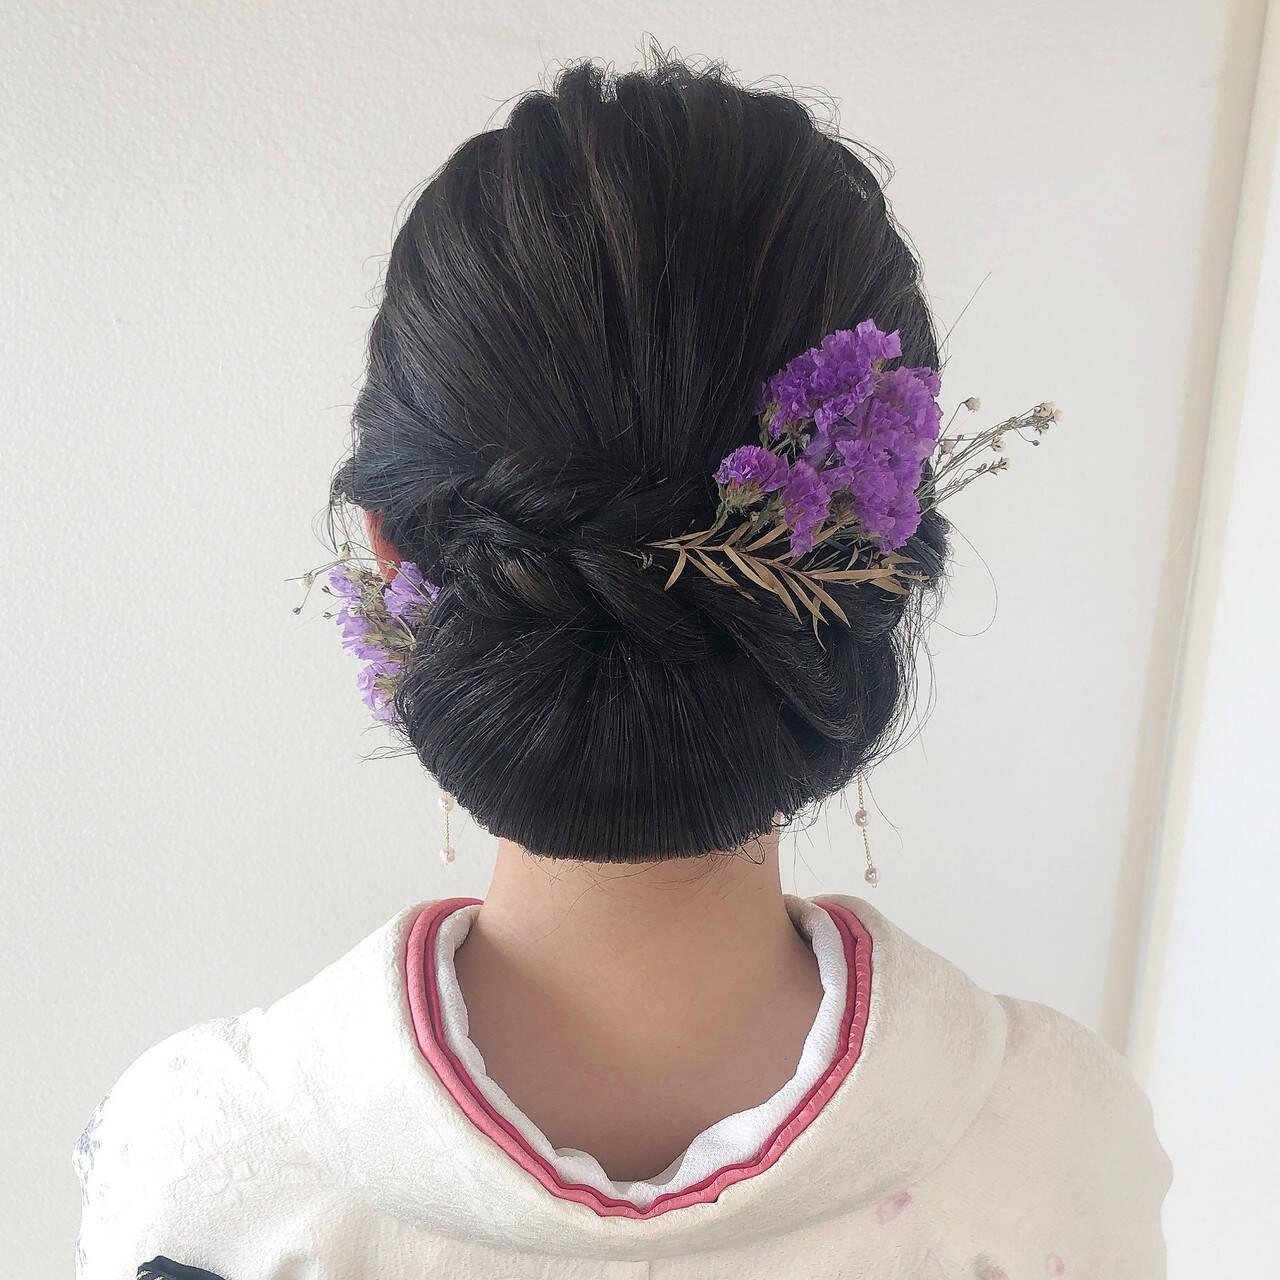 ロング 成人式ヘア エレガント ヘアセットヘアスタイルや髪型の写真・画像